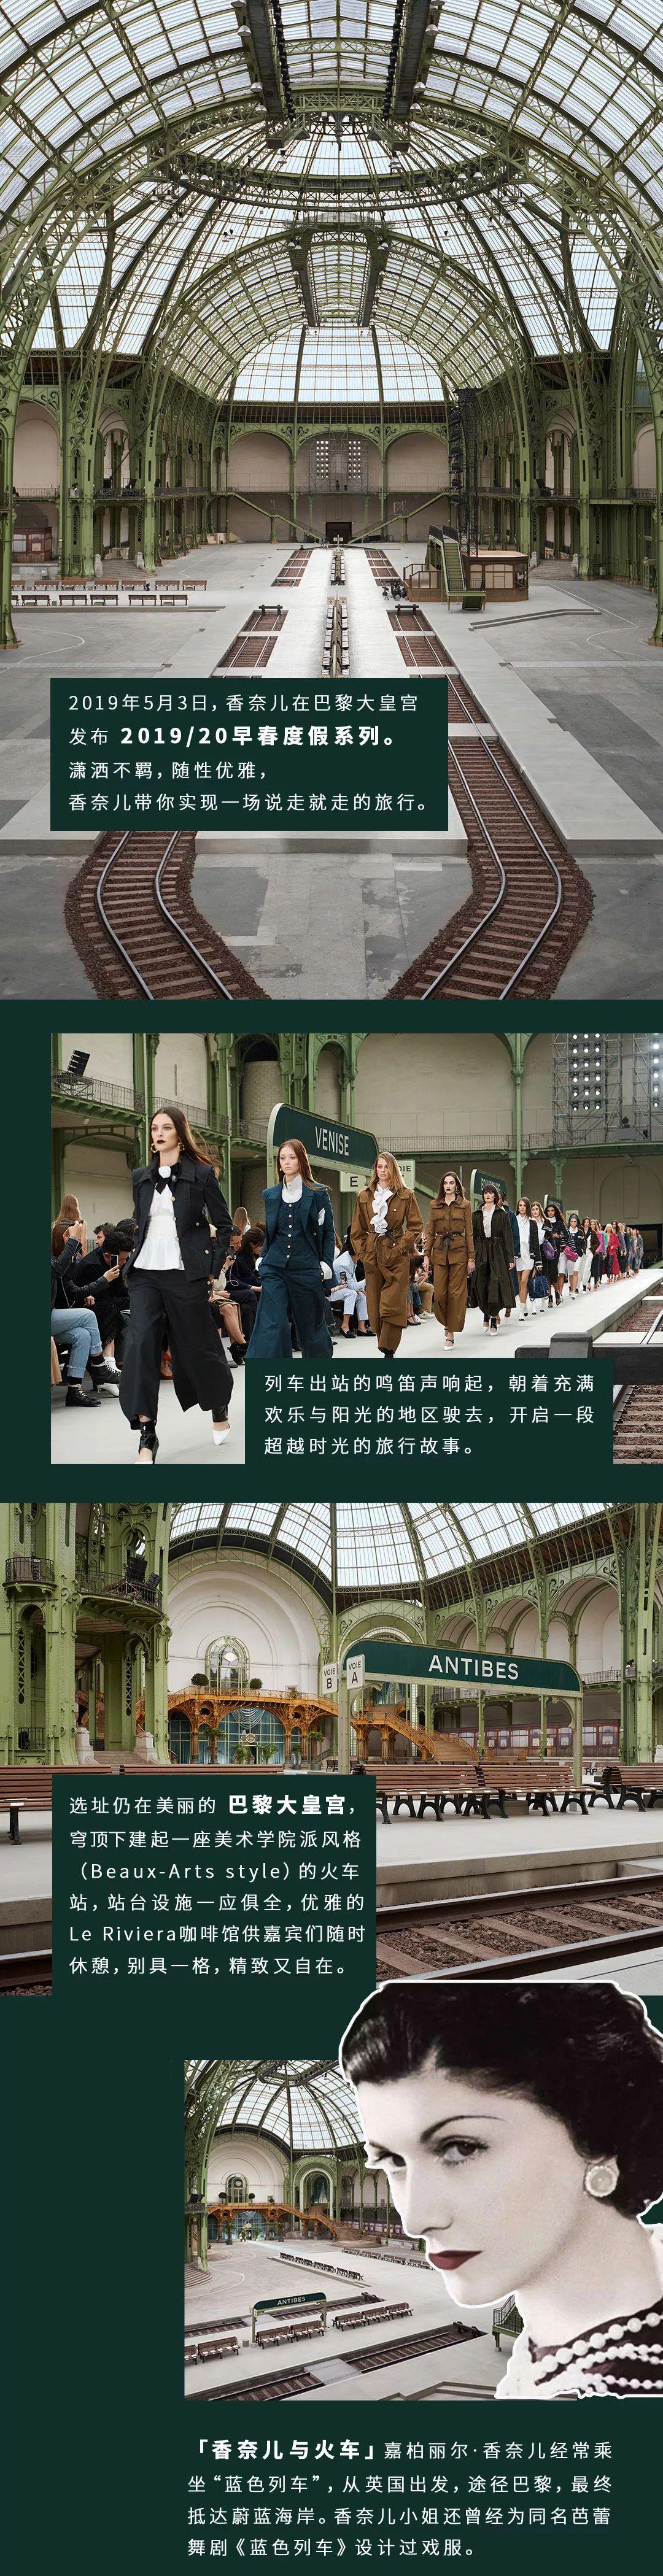 火车站遇见了刘雯陈伟霆,说走就走的旅行CHANEL应该拥有姓名!